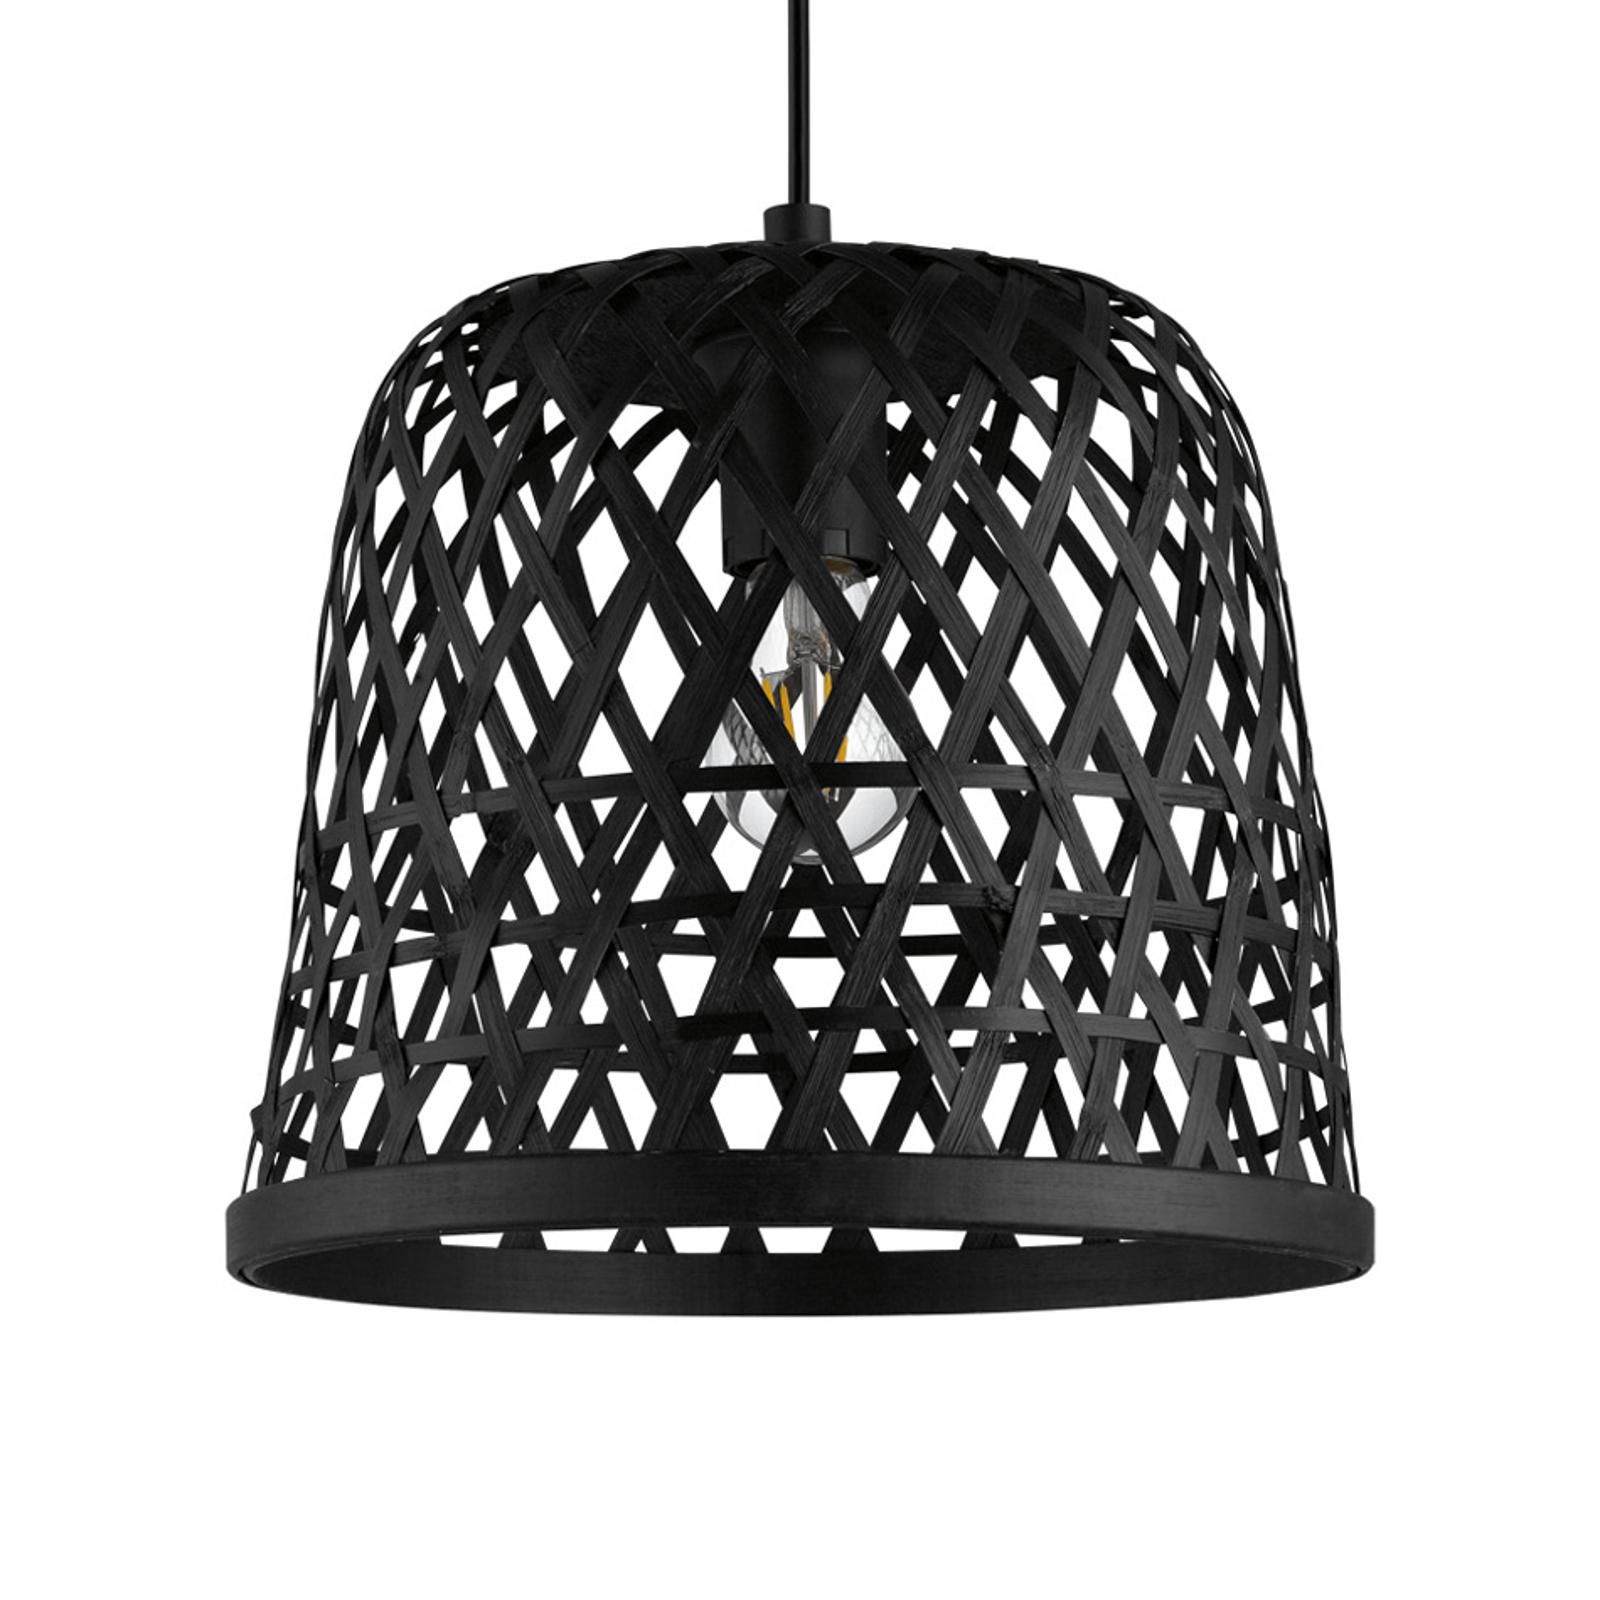 Hanglamp Kirkcolm met houten kap 30cm, zwart